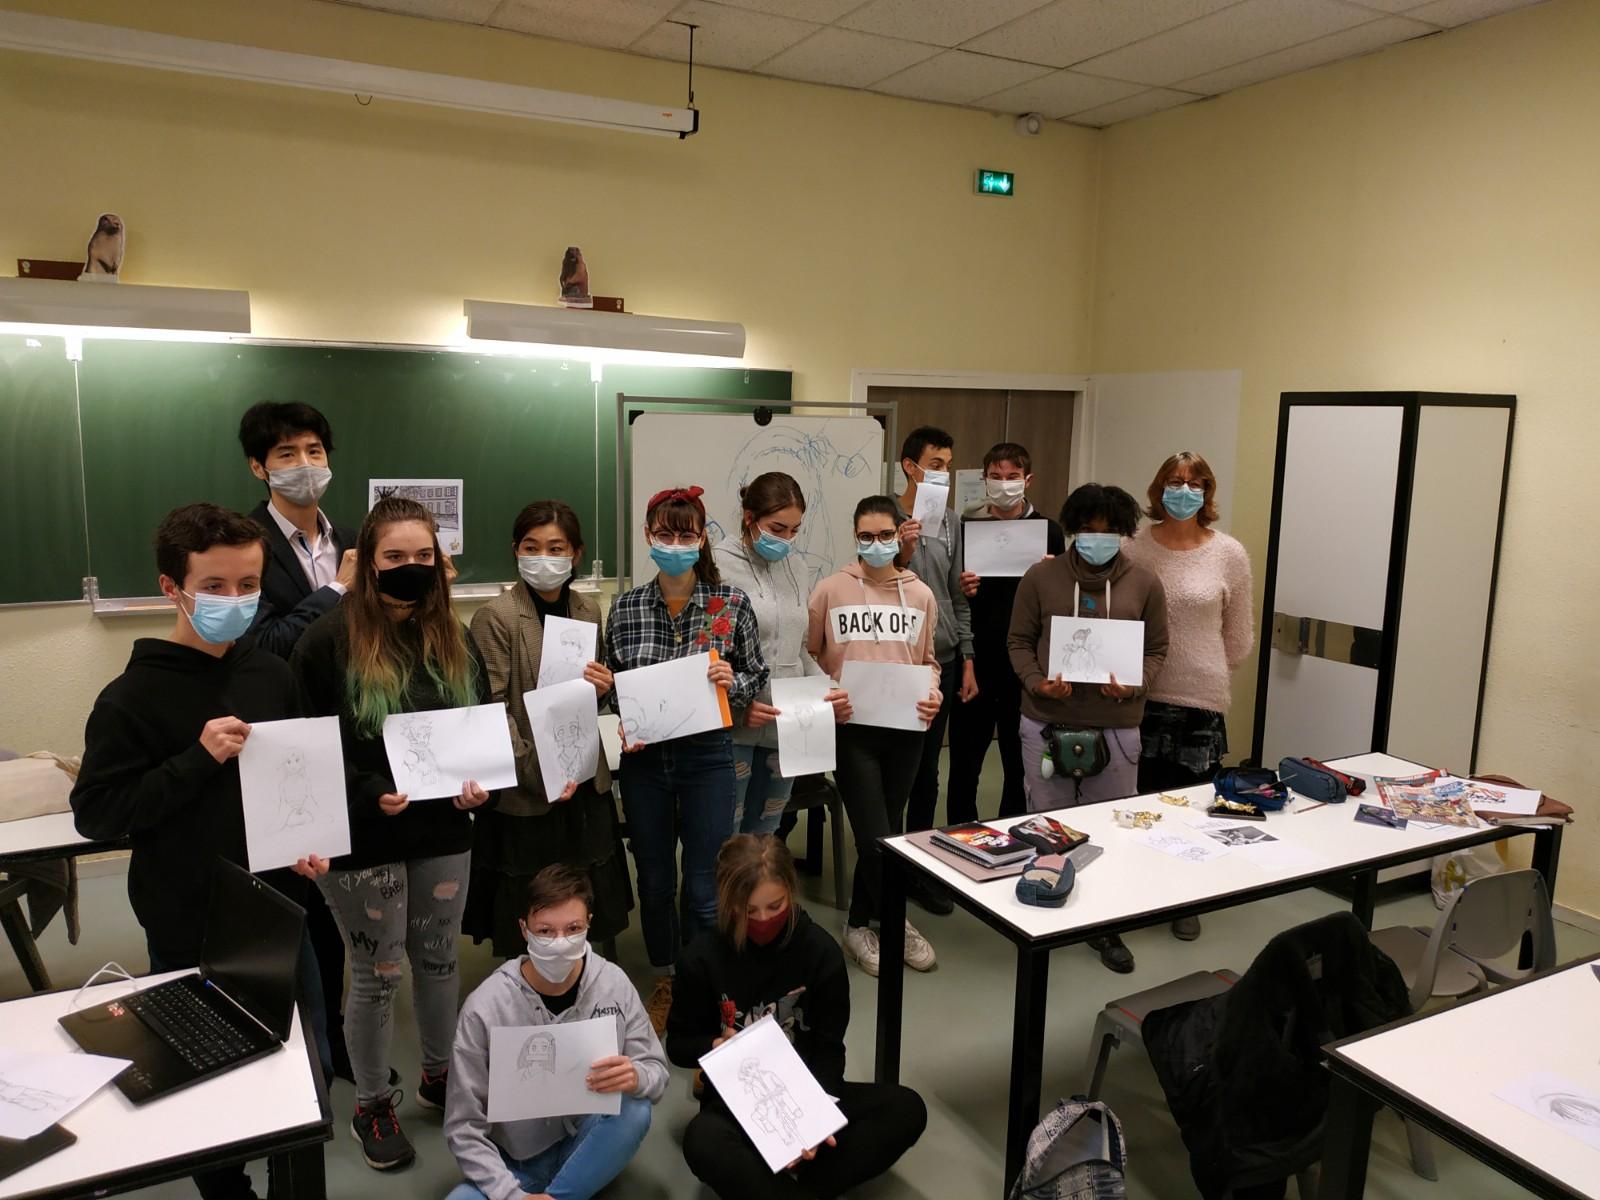 Le Consulat du Japon a offert un atelier dessin de manga aux élèves du lycée